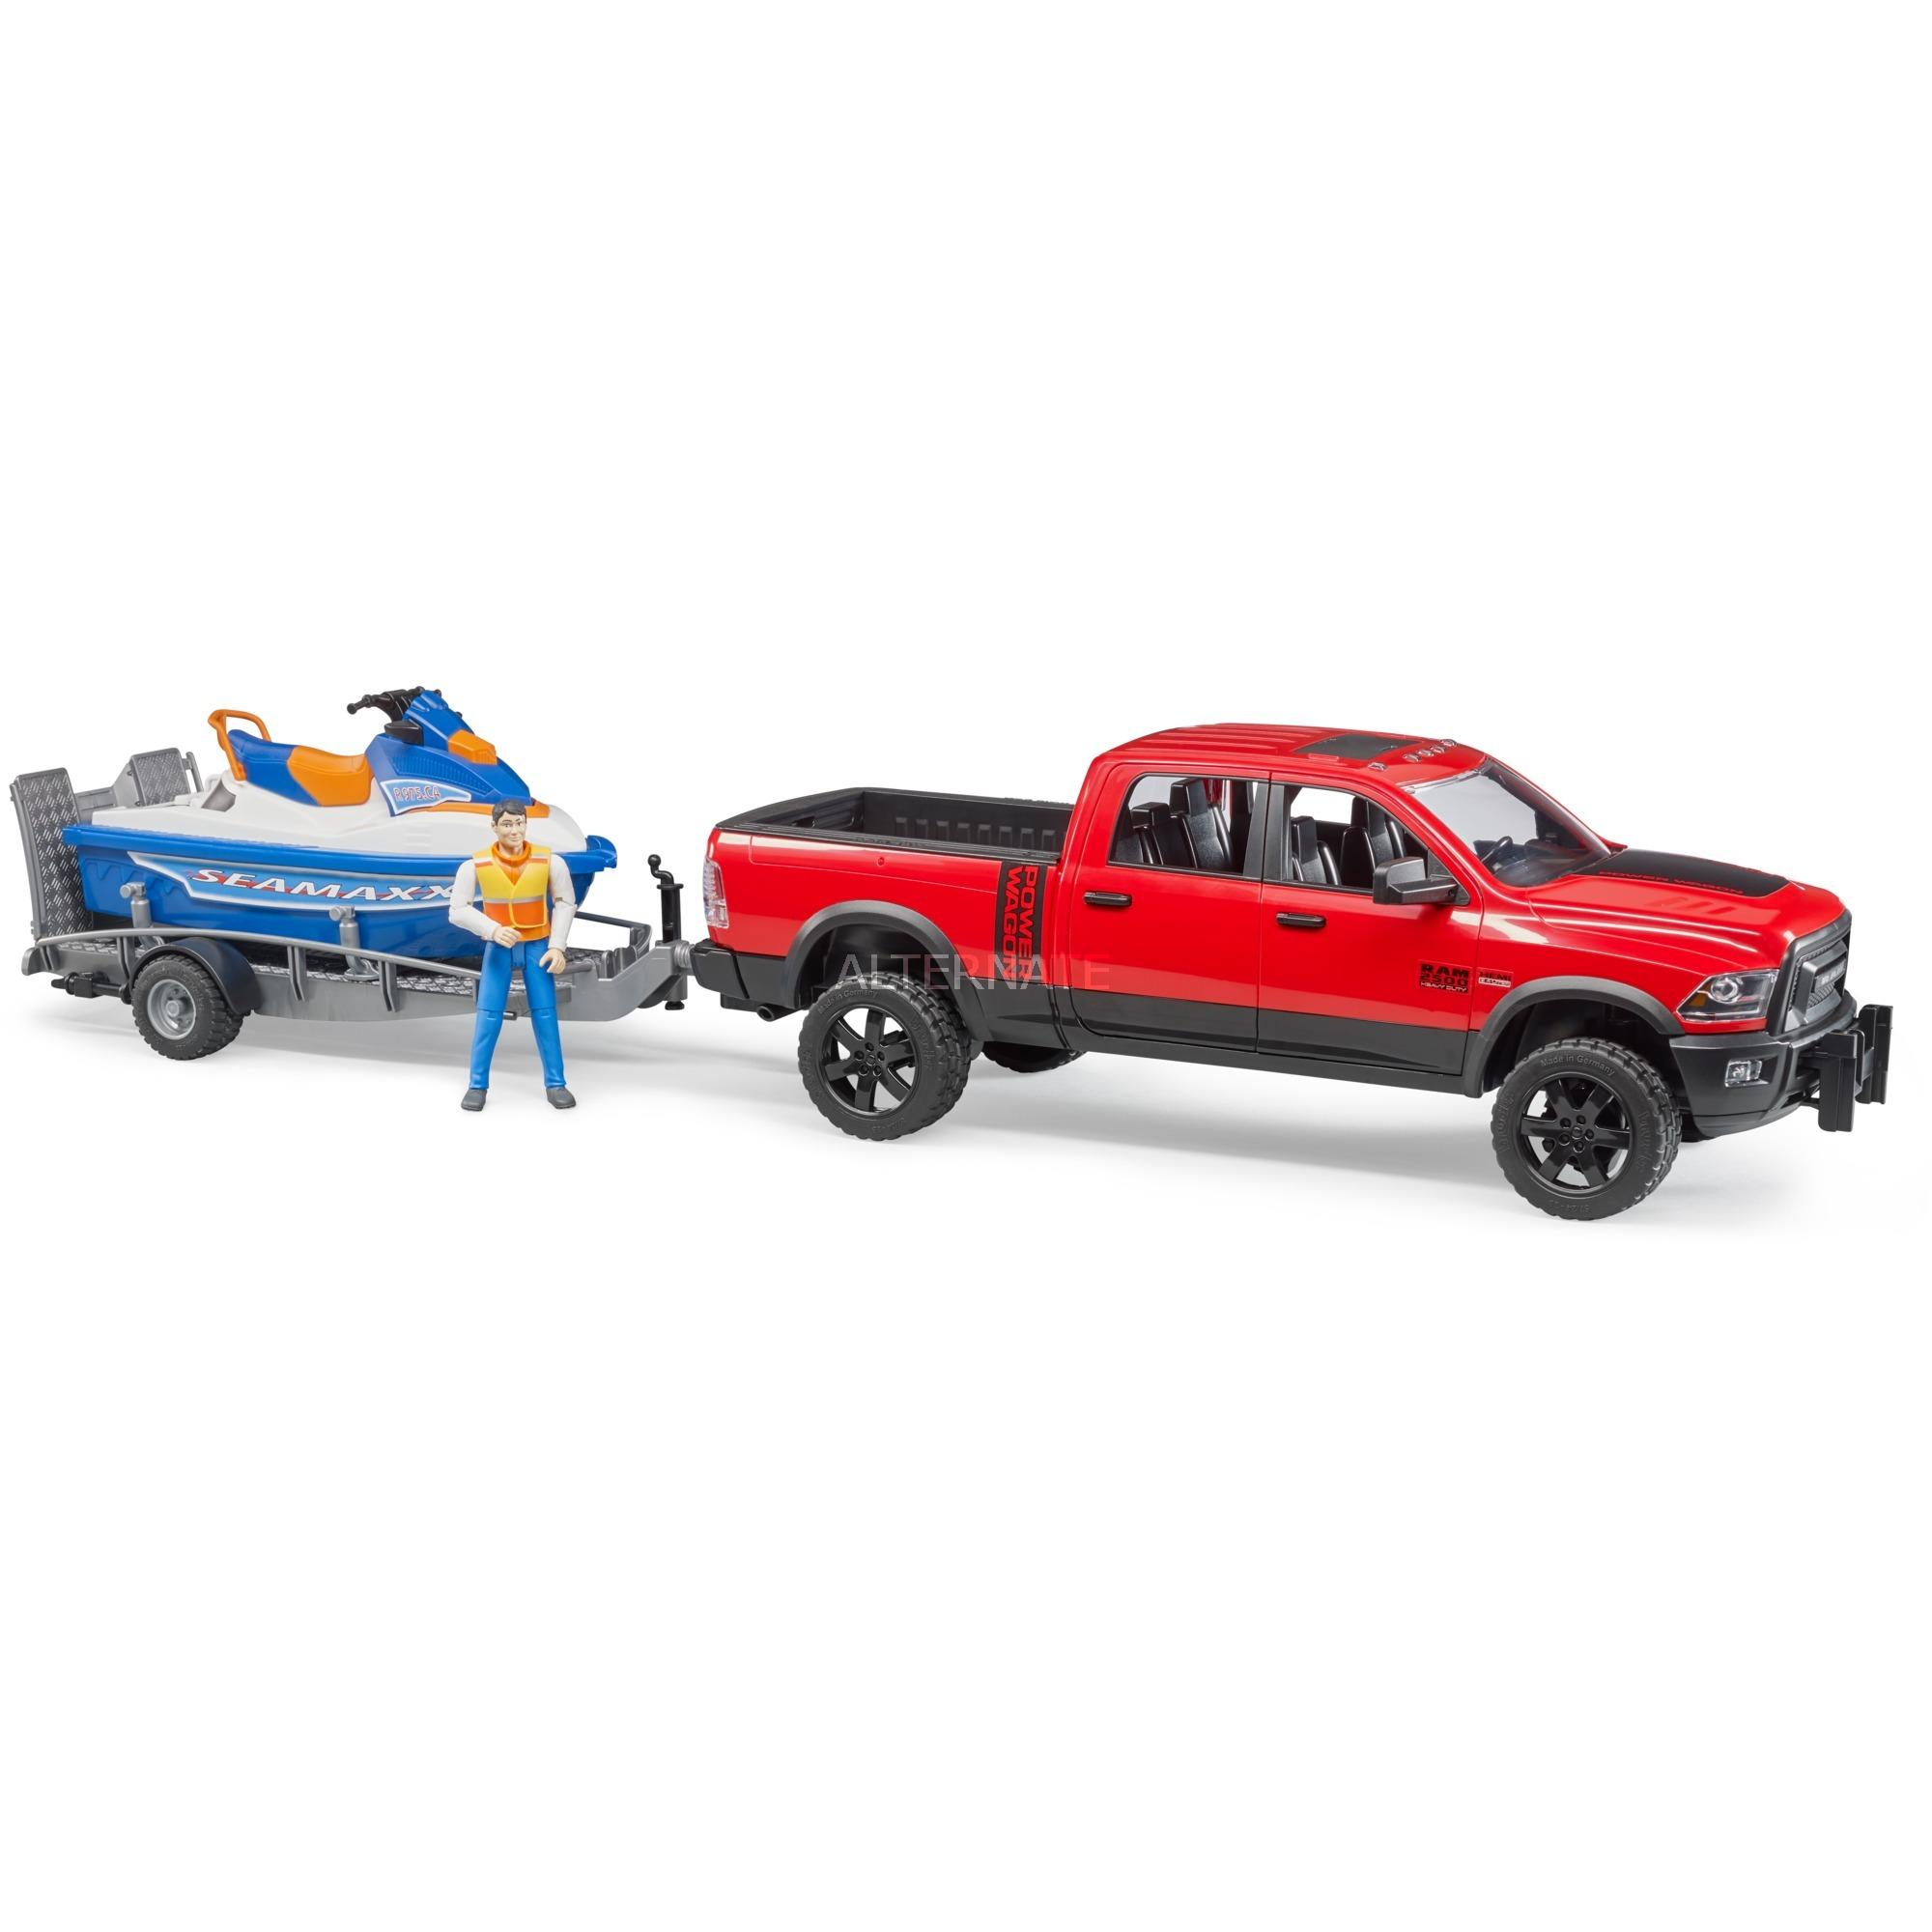 Bruder 02503 Ram 2500 Power Wagon mit Anhänger Spielzeug Auto NEU Autos